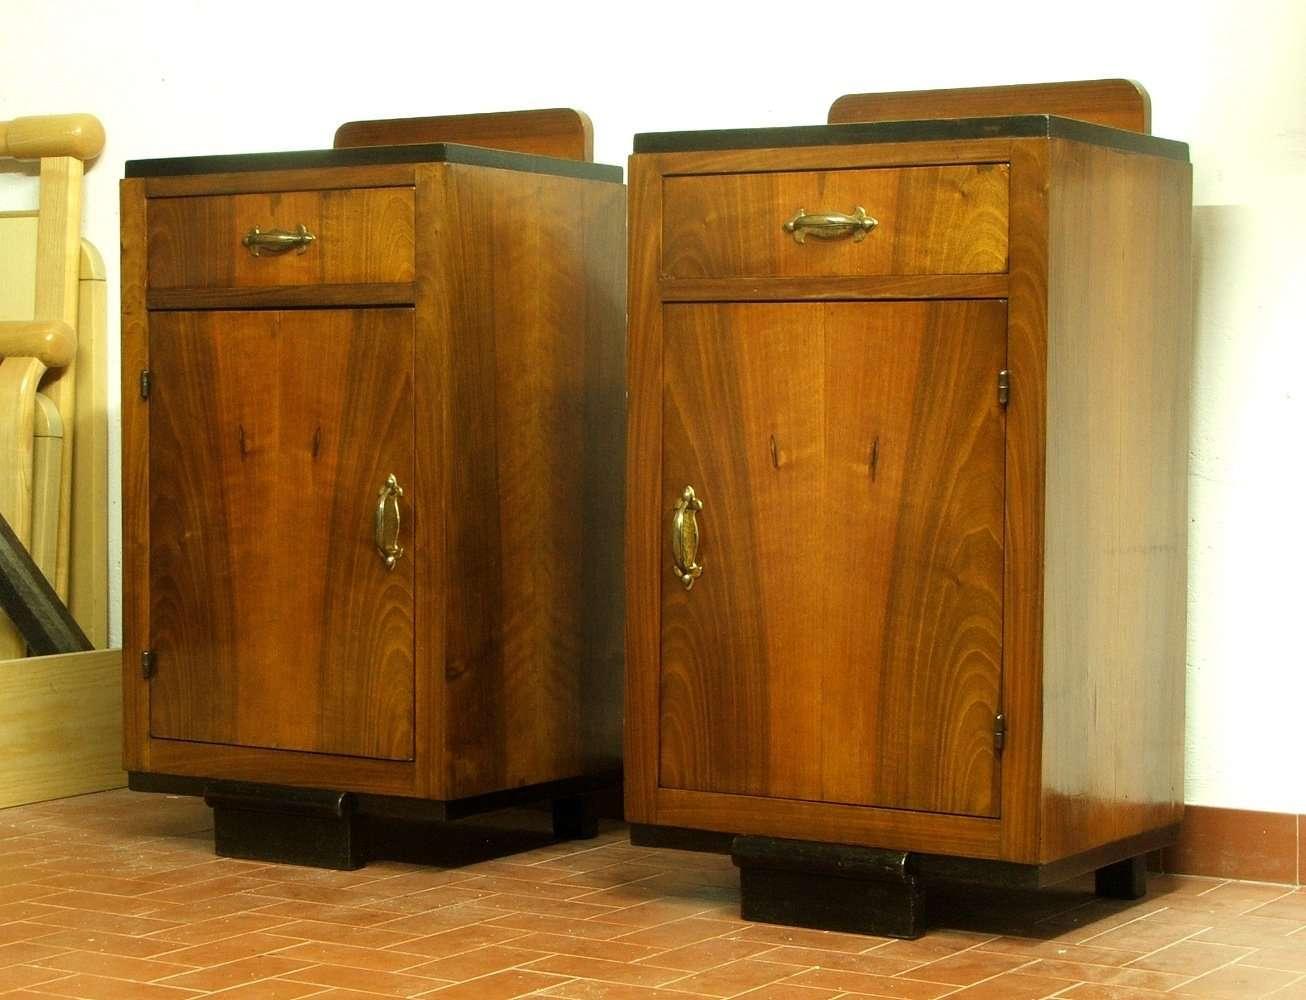 Restauro di una coppia di comodini in noce anni 39 30 conservazione e restauro - Restauro mobili impiallacciati ...